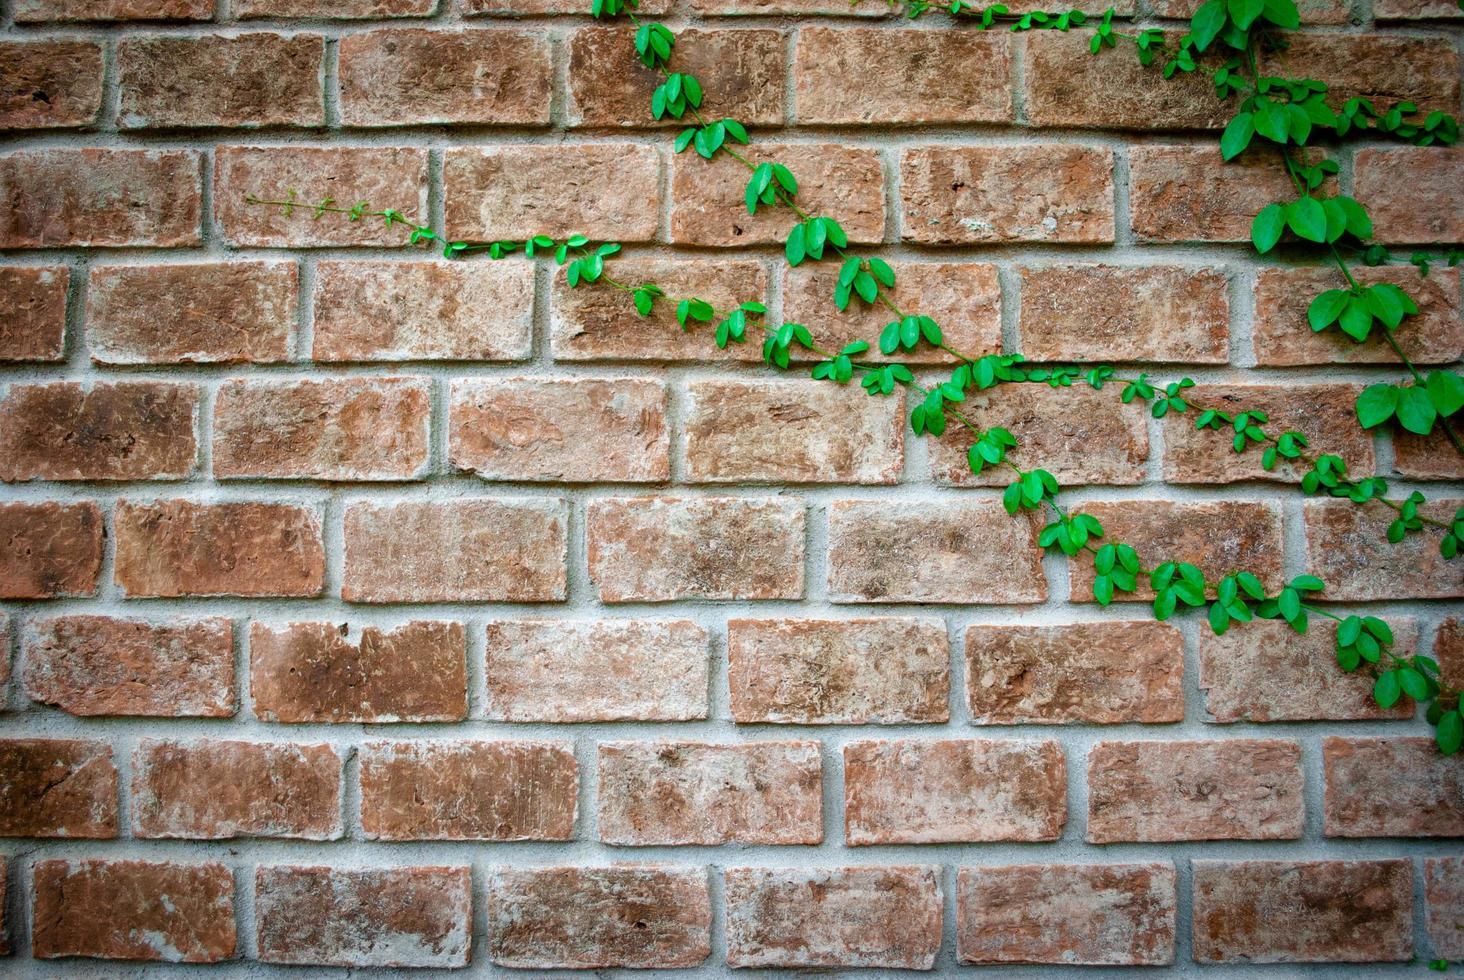 klimop op bakstenen muur met kopieerruimte foto